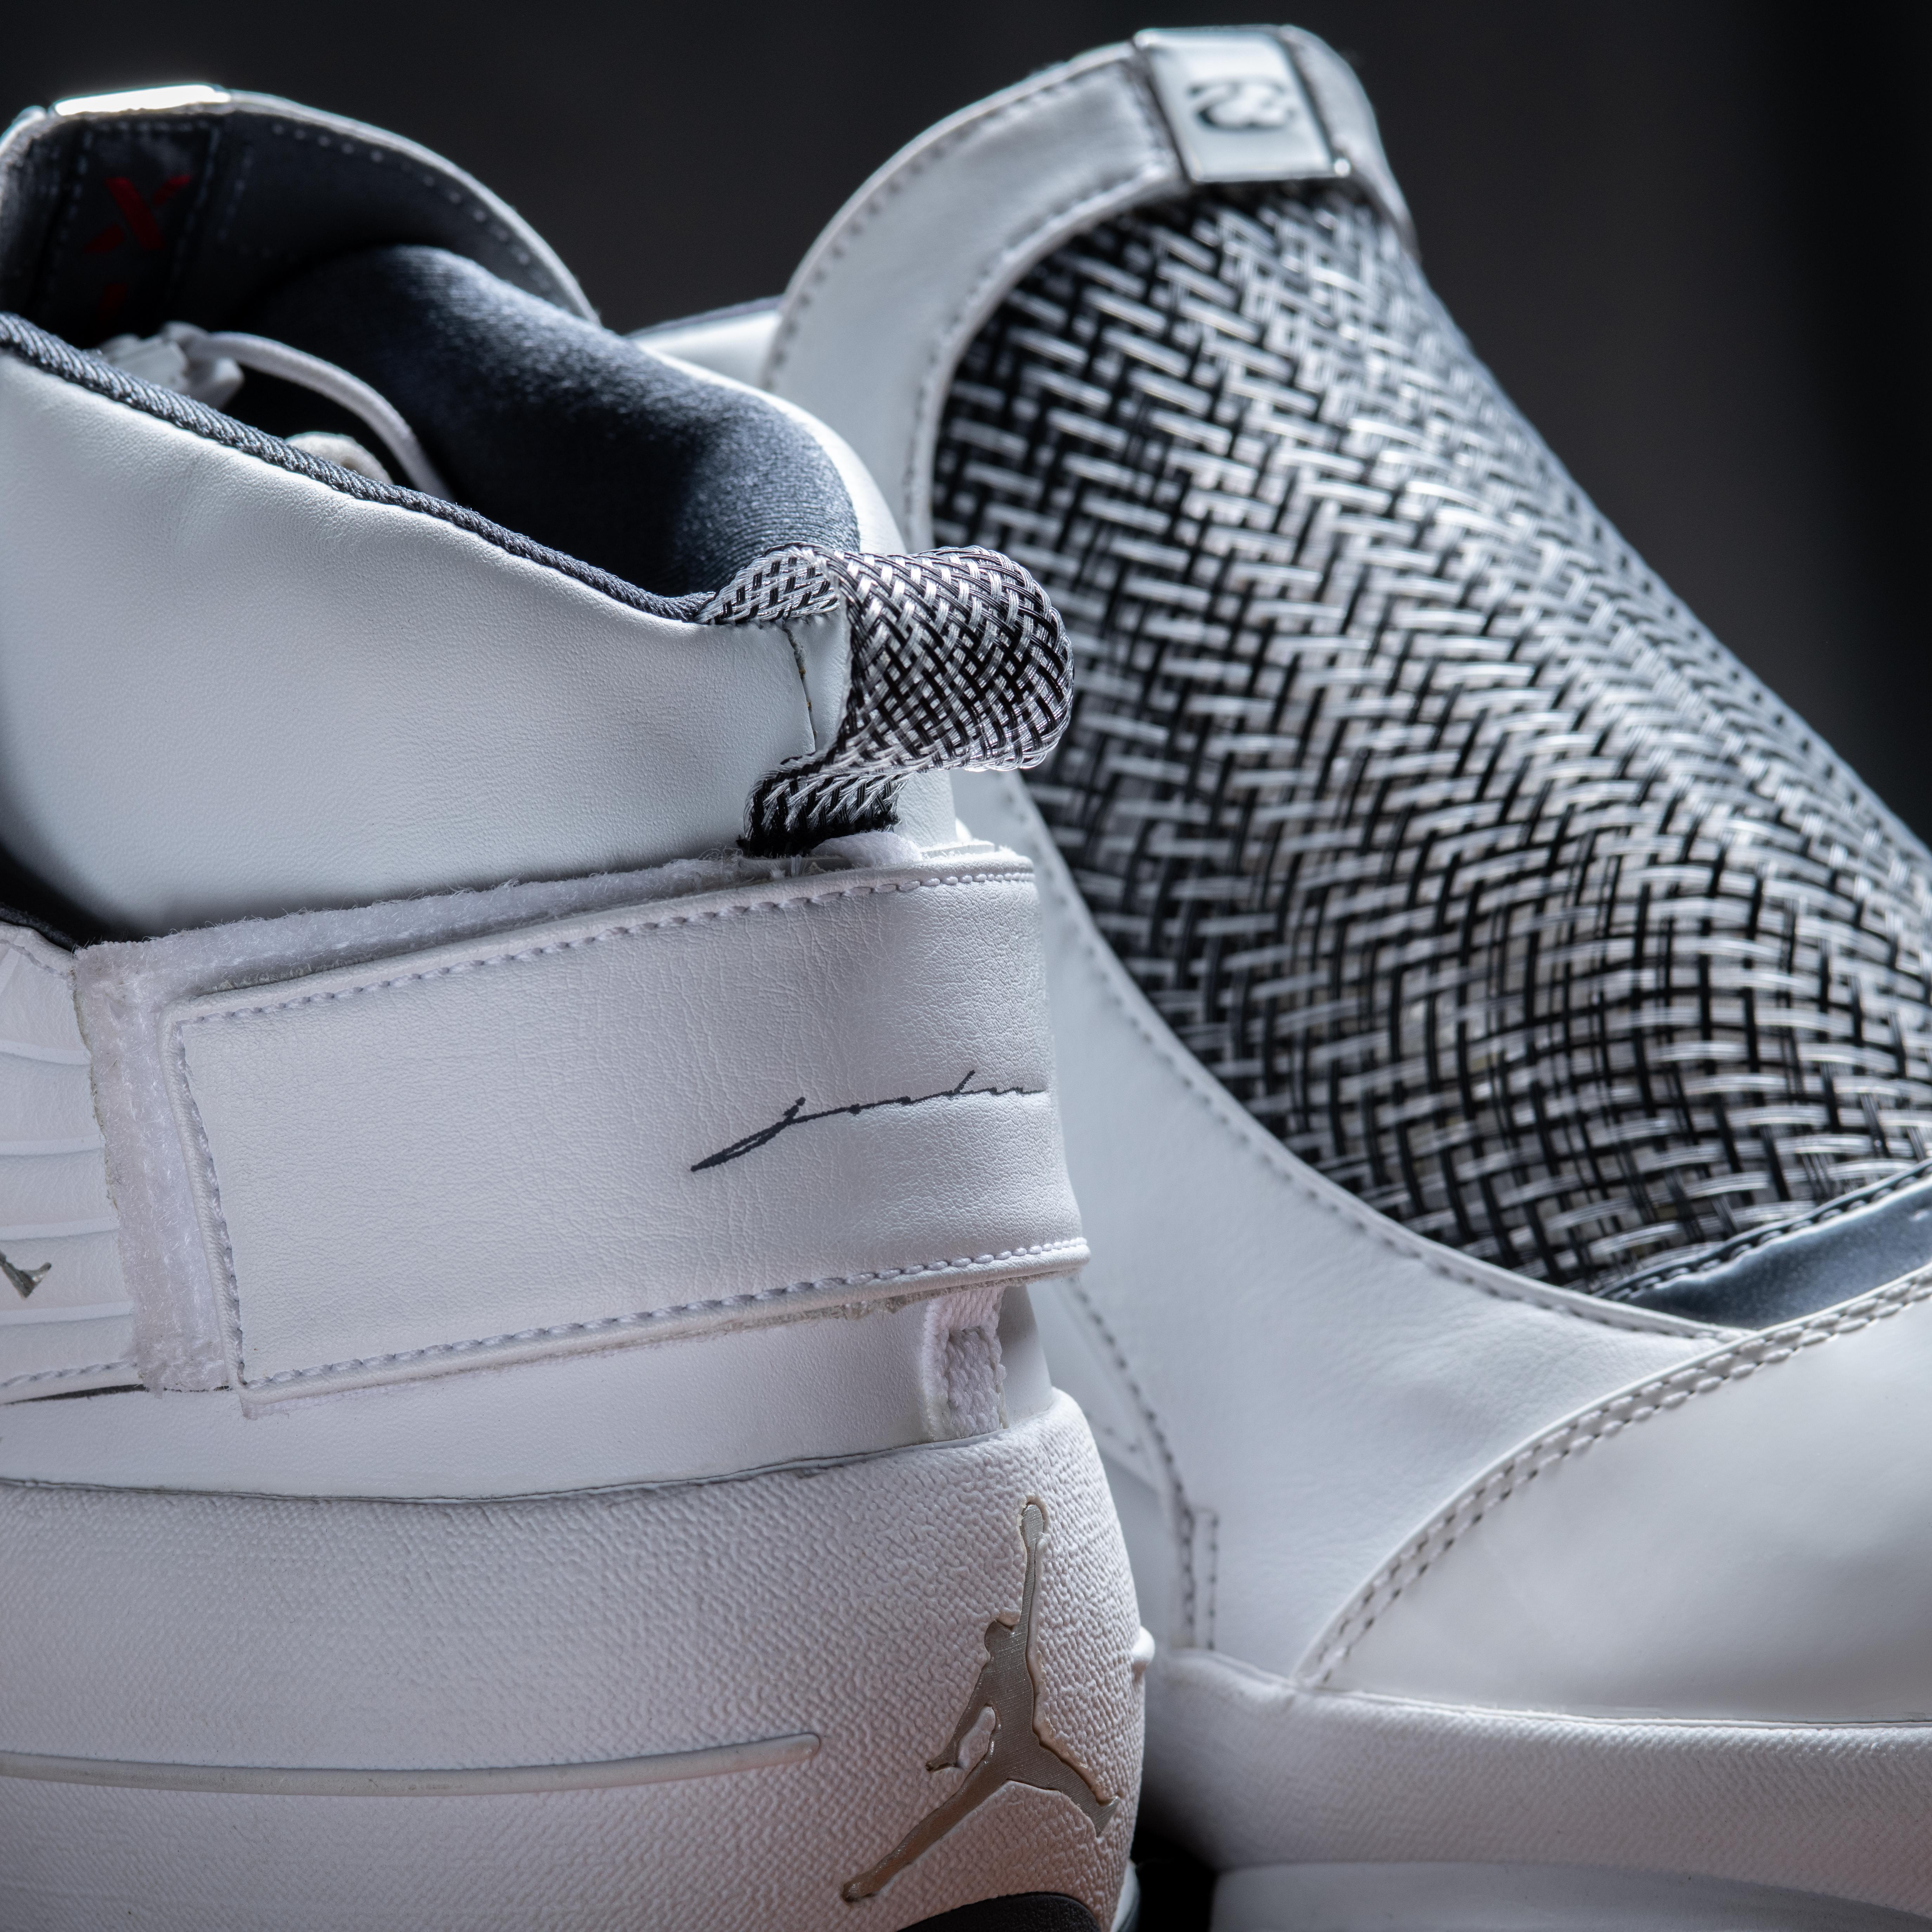 Air Jordan XIX